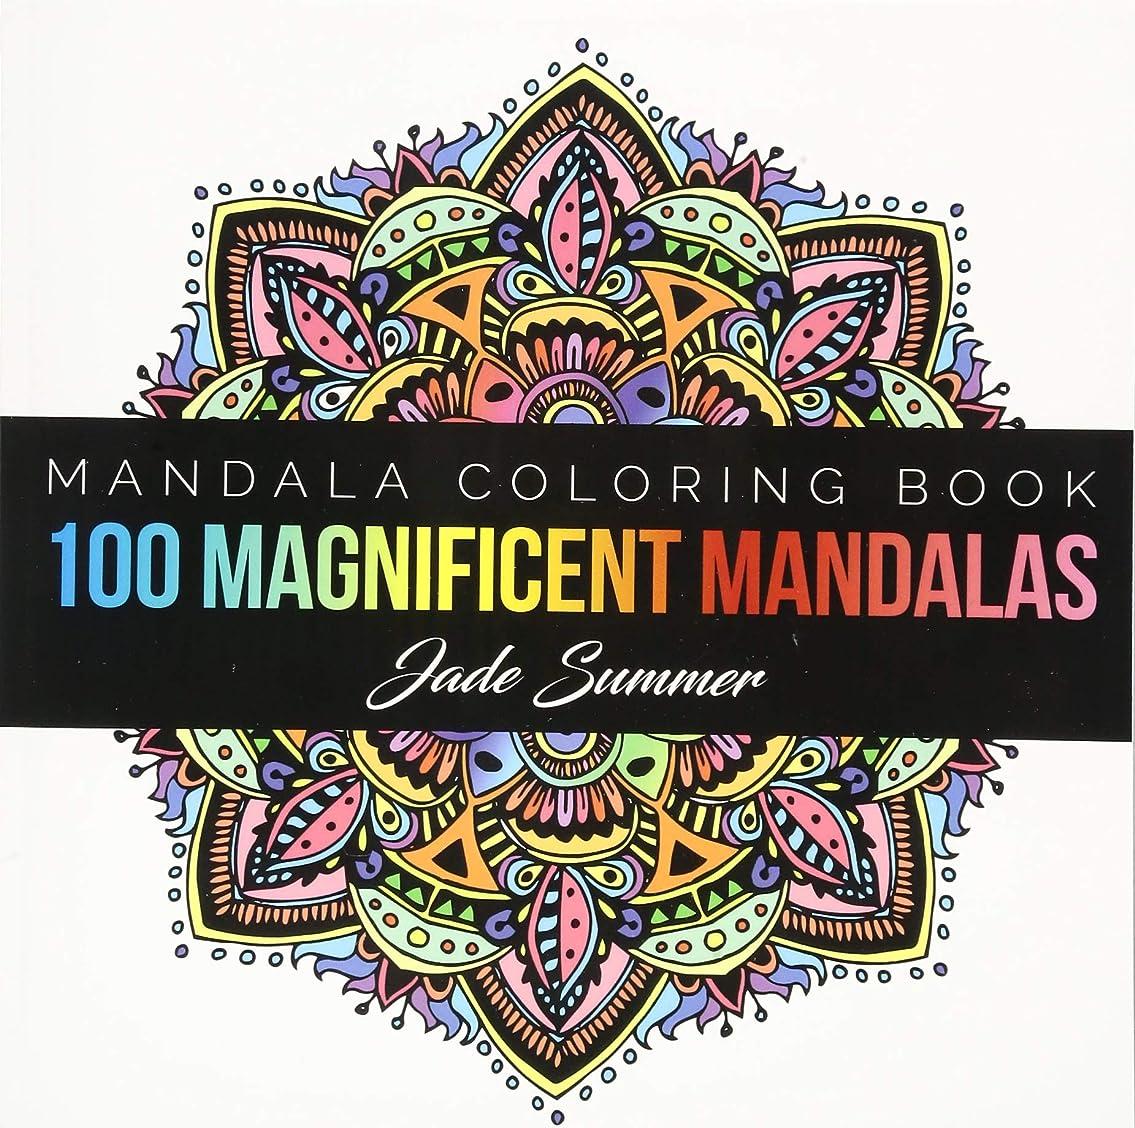 クライマックス湿度全体にMandala Coloring Book: 100+ Unique Mandala Designs and Stress Relieving Patterns for Adult Relaxation, Meditation, and Happiness (Magnificent Mandalas)